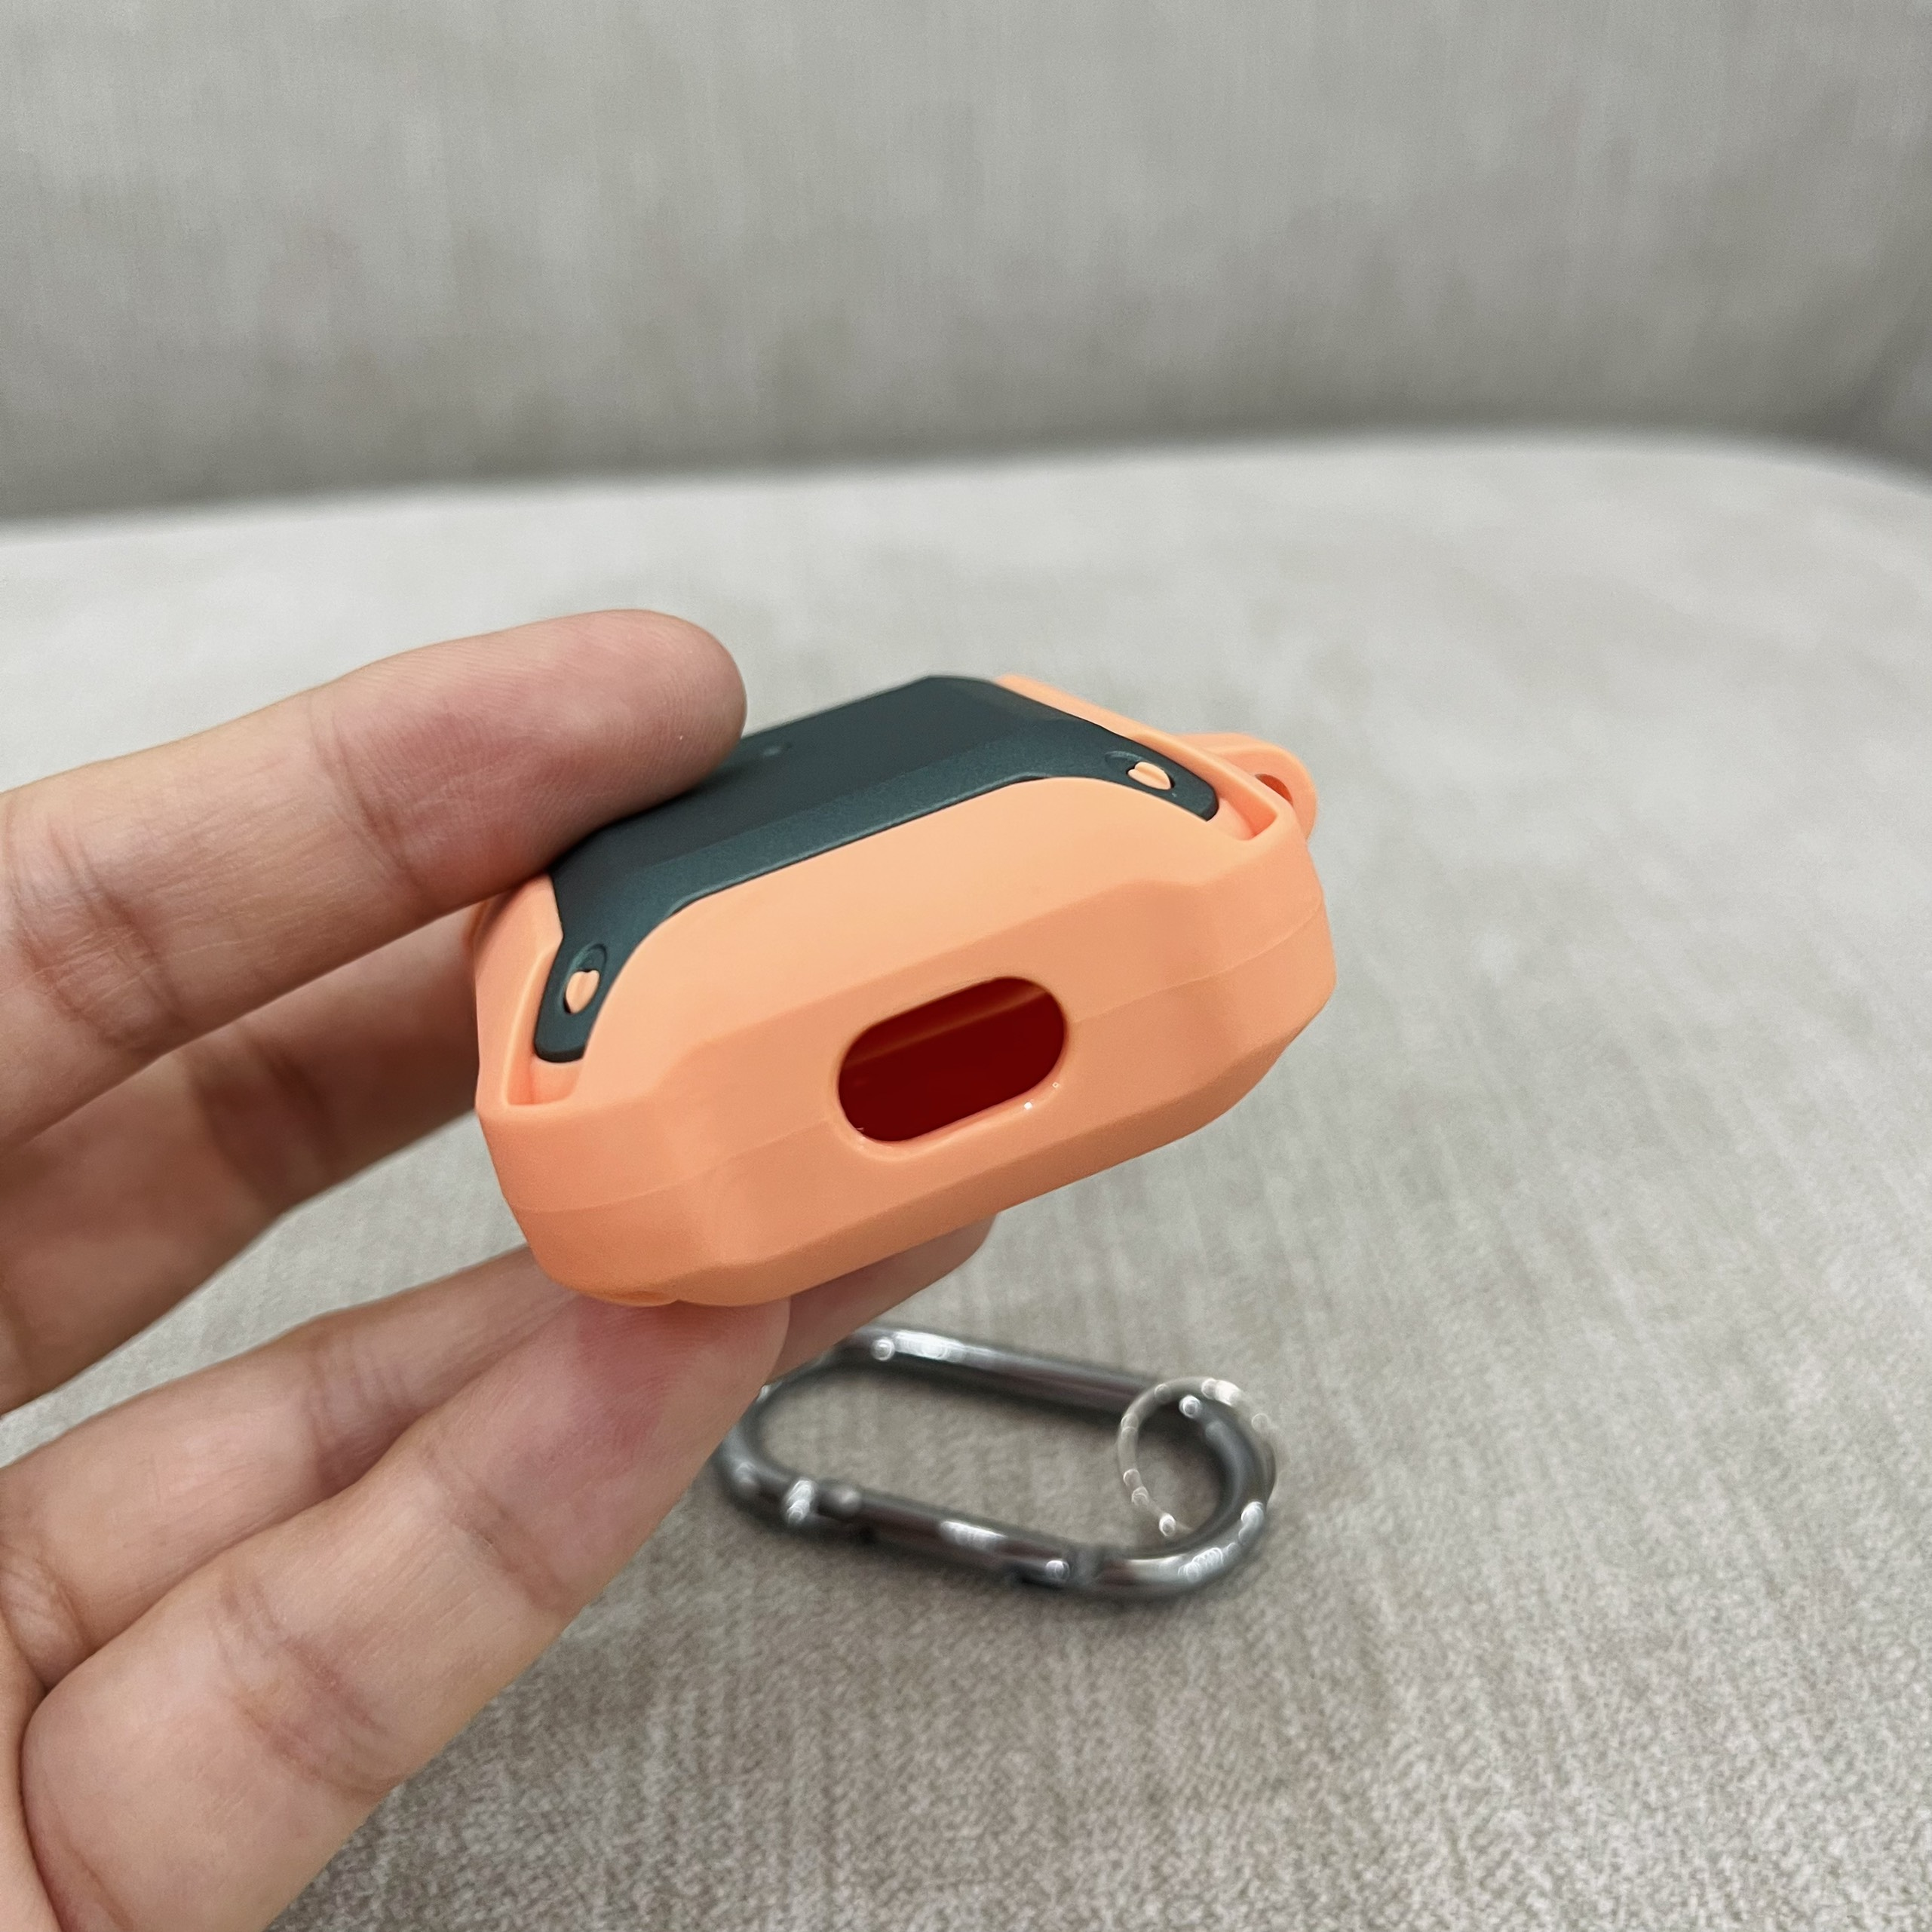 Case Chống Sốc 360 Độ Cho Airpods 1 / Airpods 2 - Màu Cam